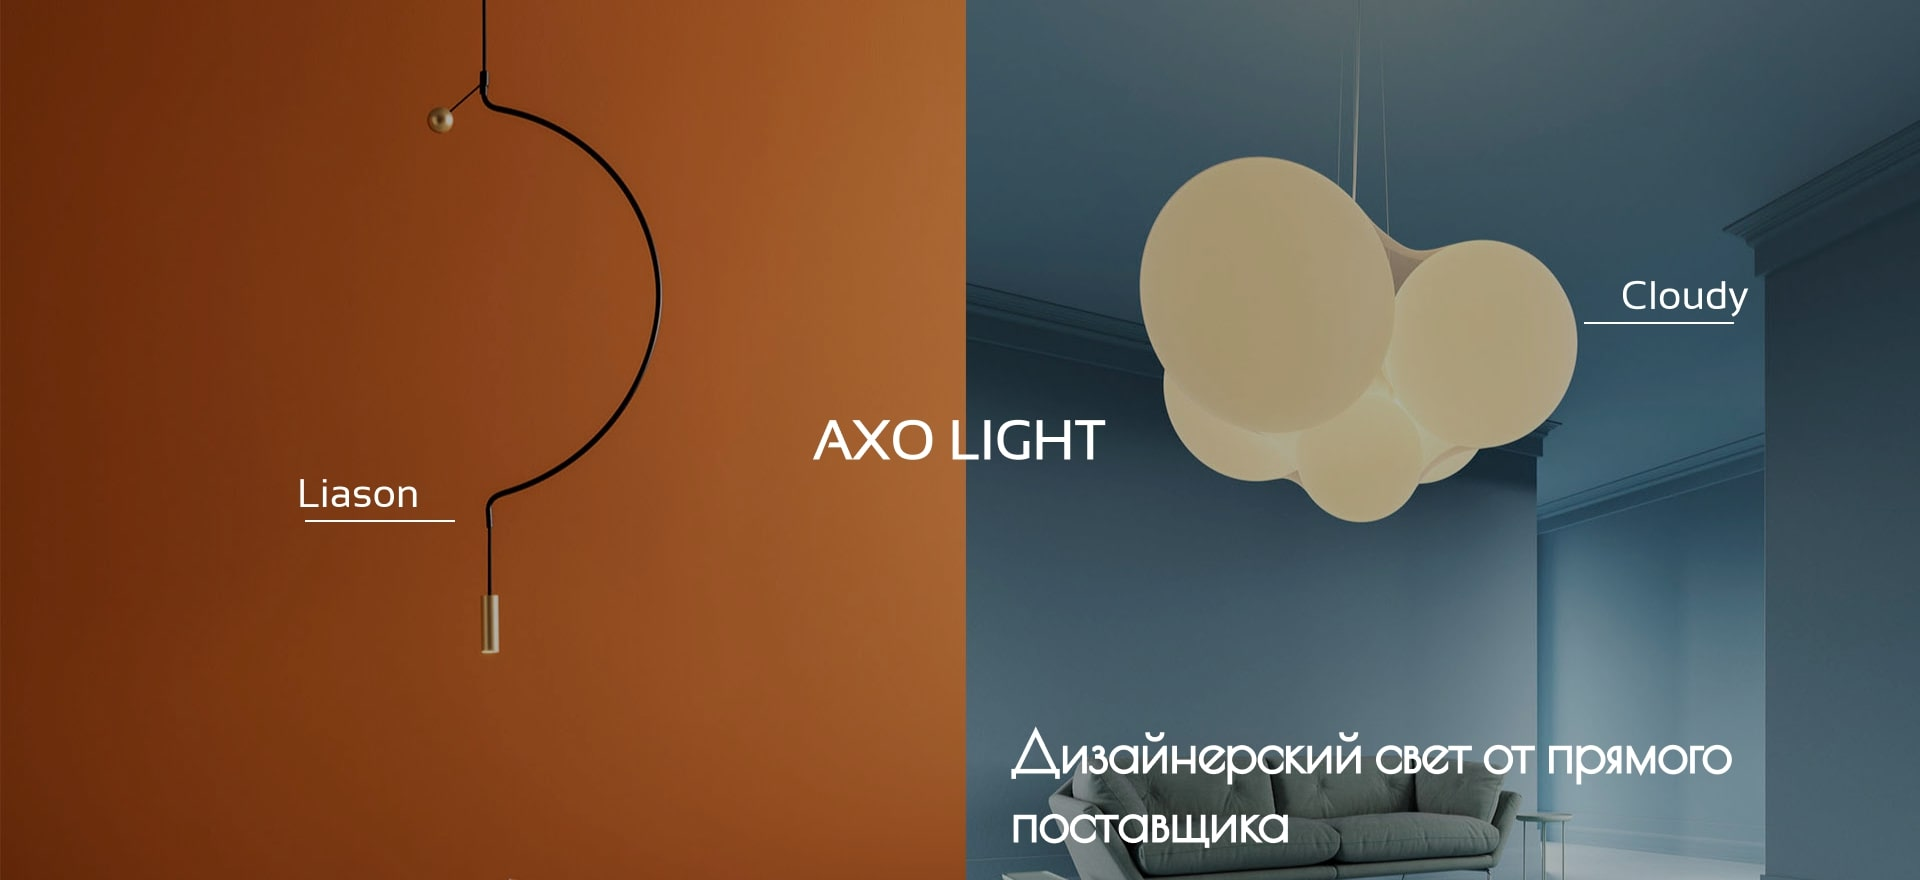 slider-axo-light